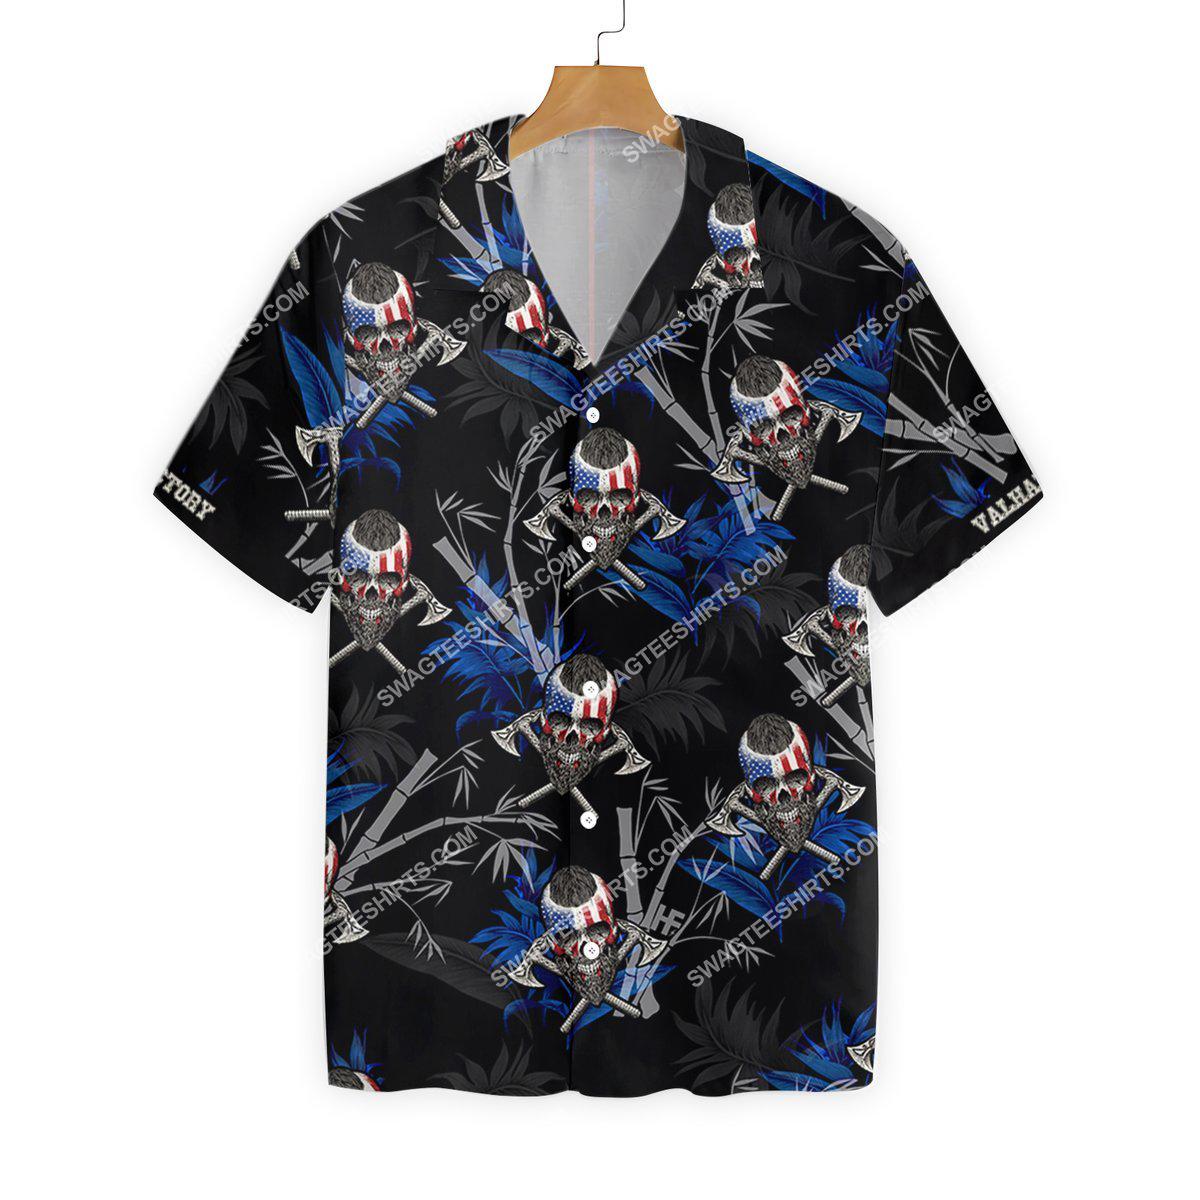 victory or valhalla viking all over printed hawaiian shirt 2(1)